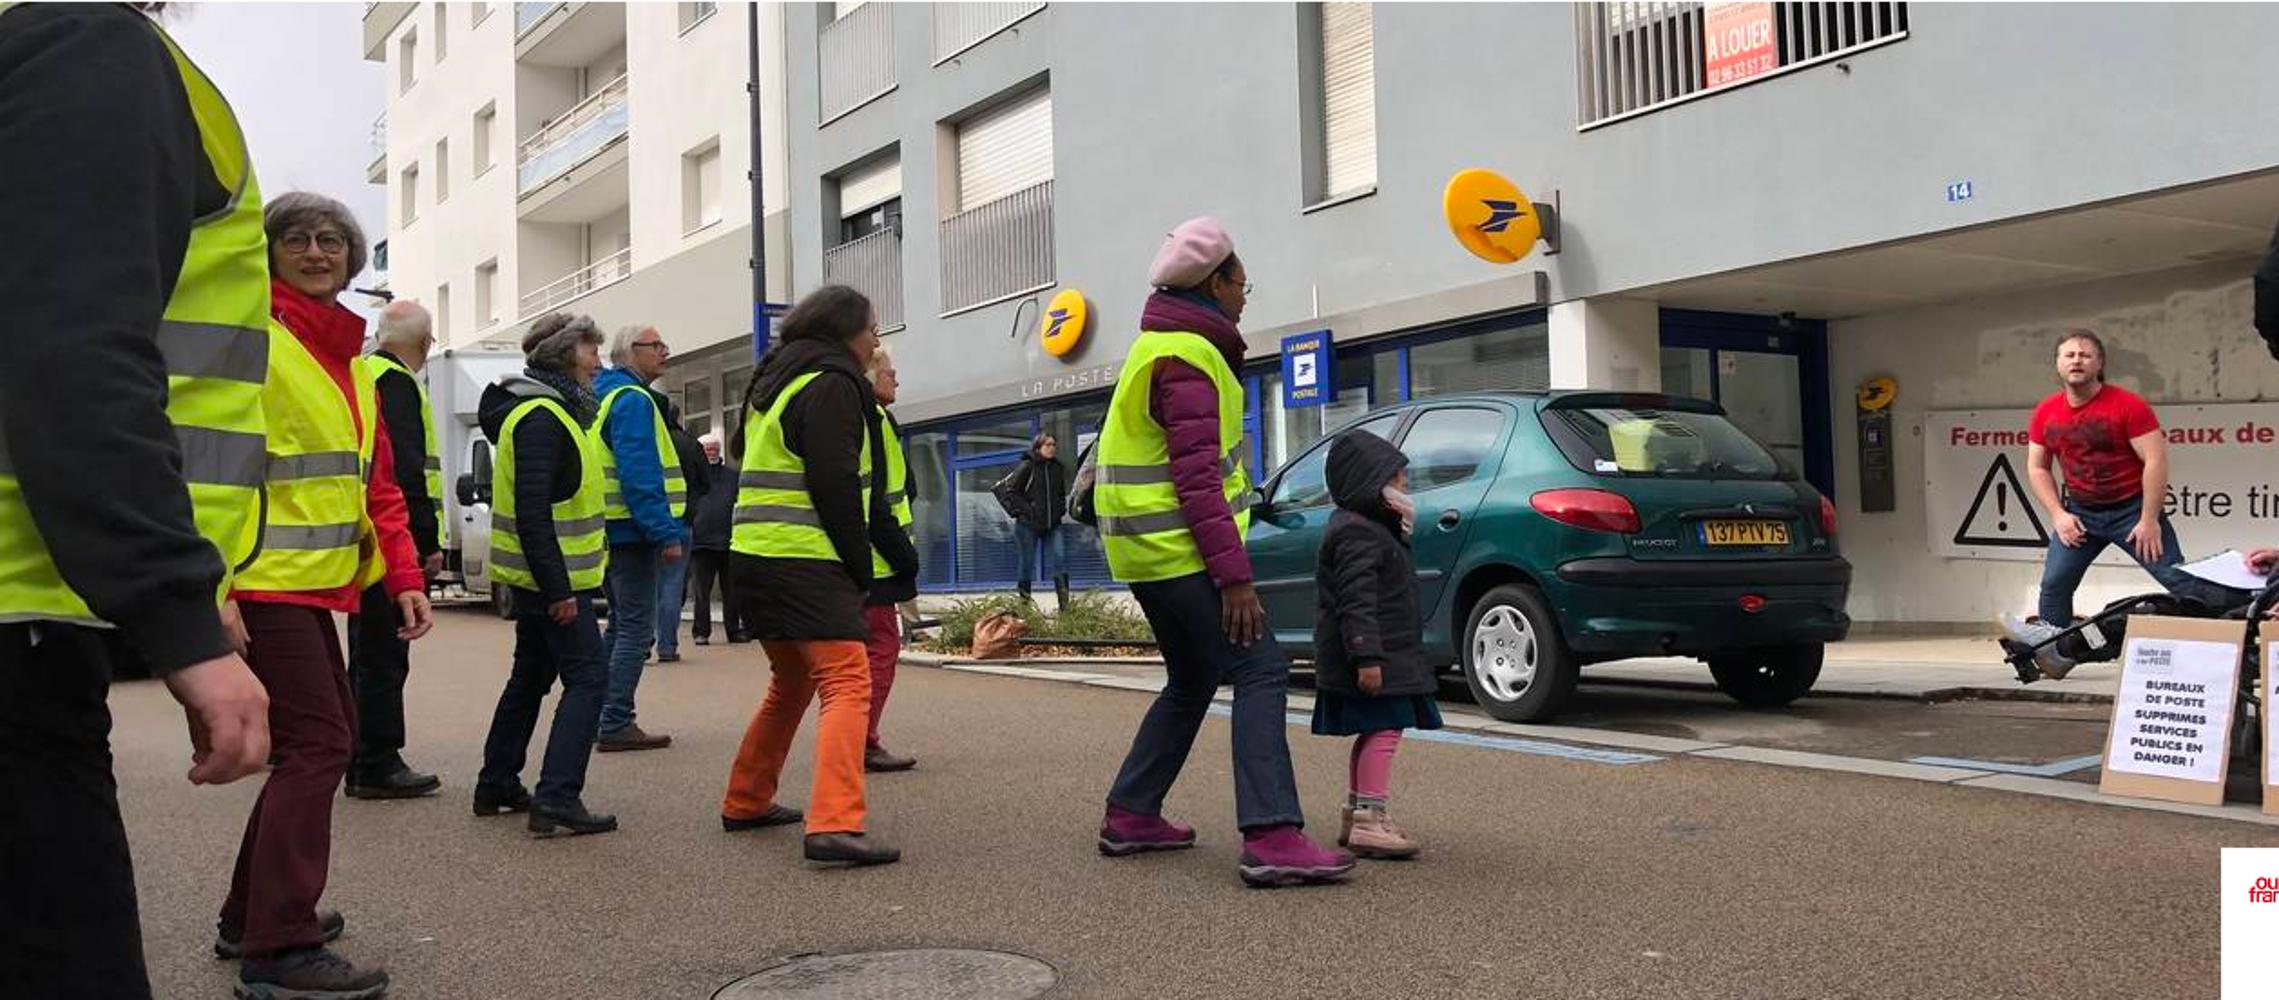 À Robien, ils dansent en pleine rue pour leur bureau de Poste (OF) 0